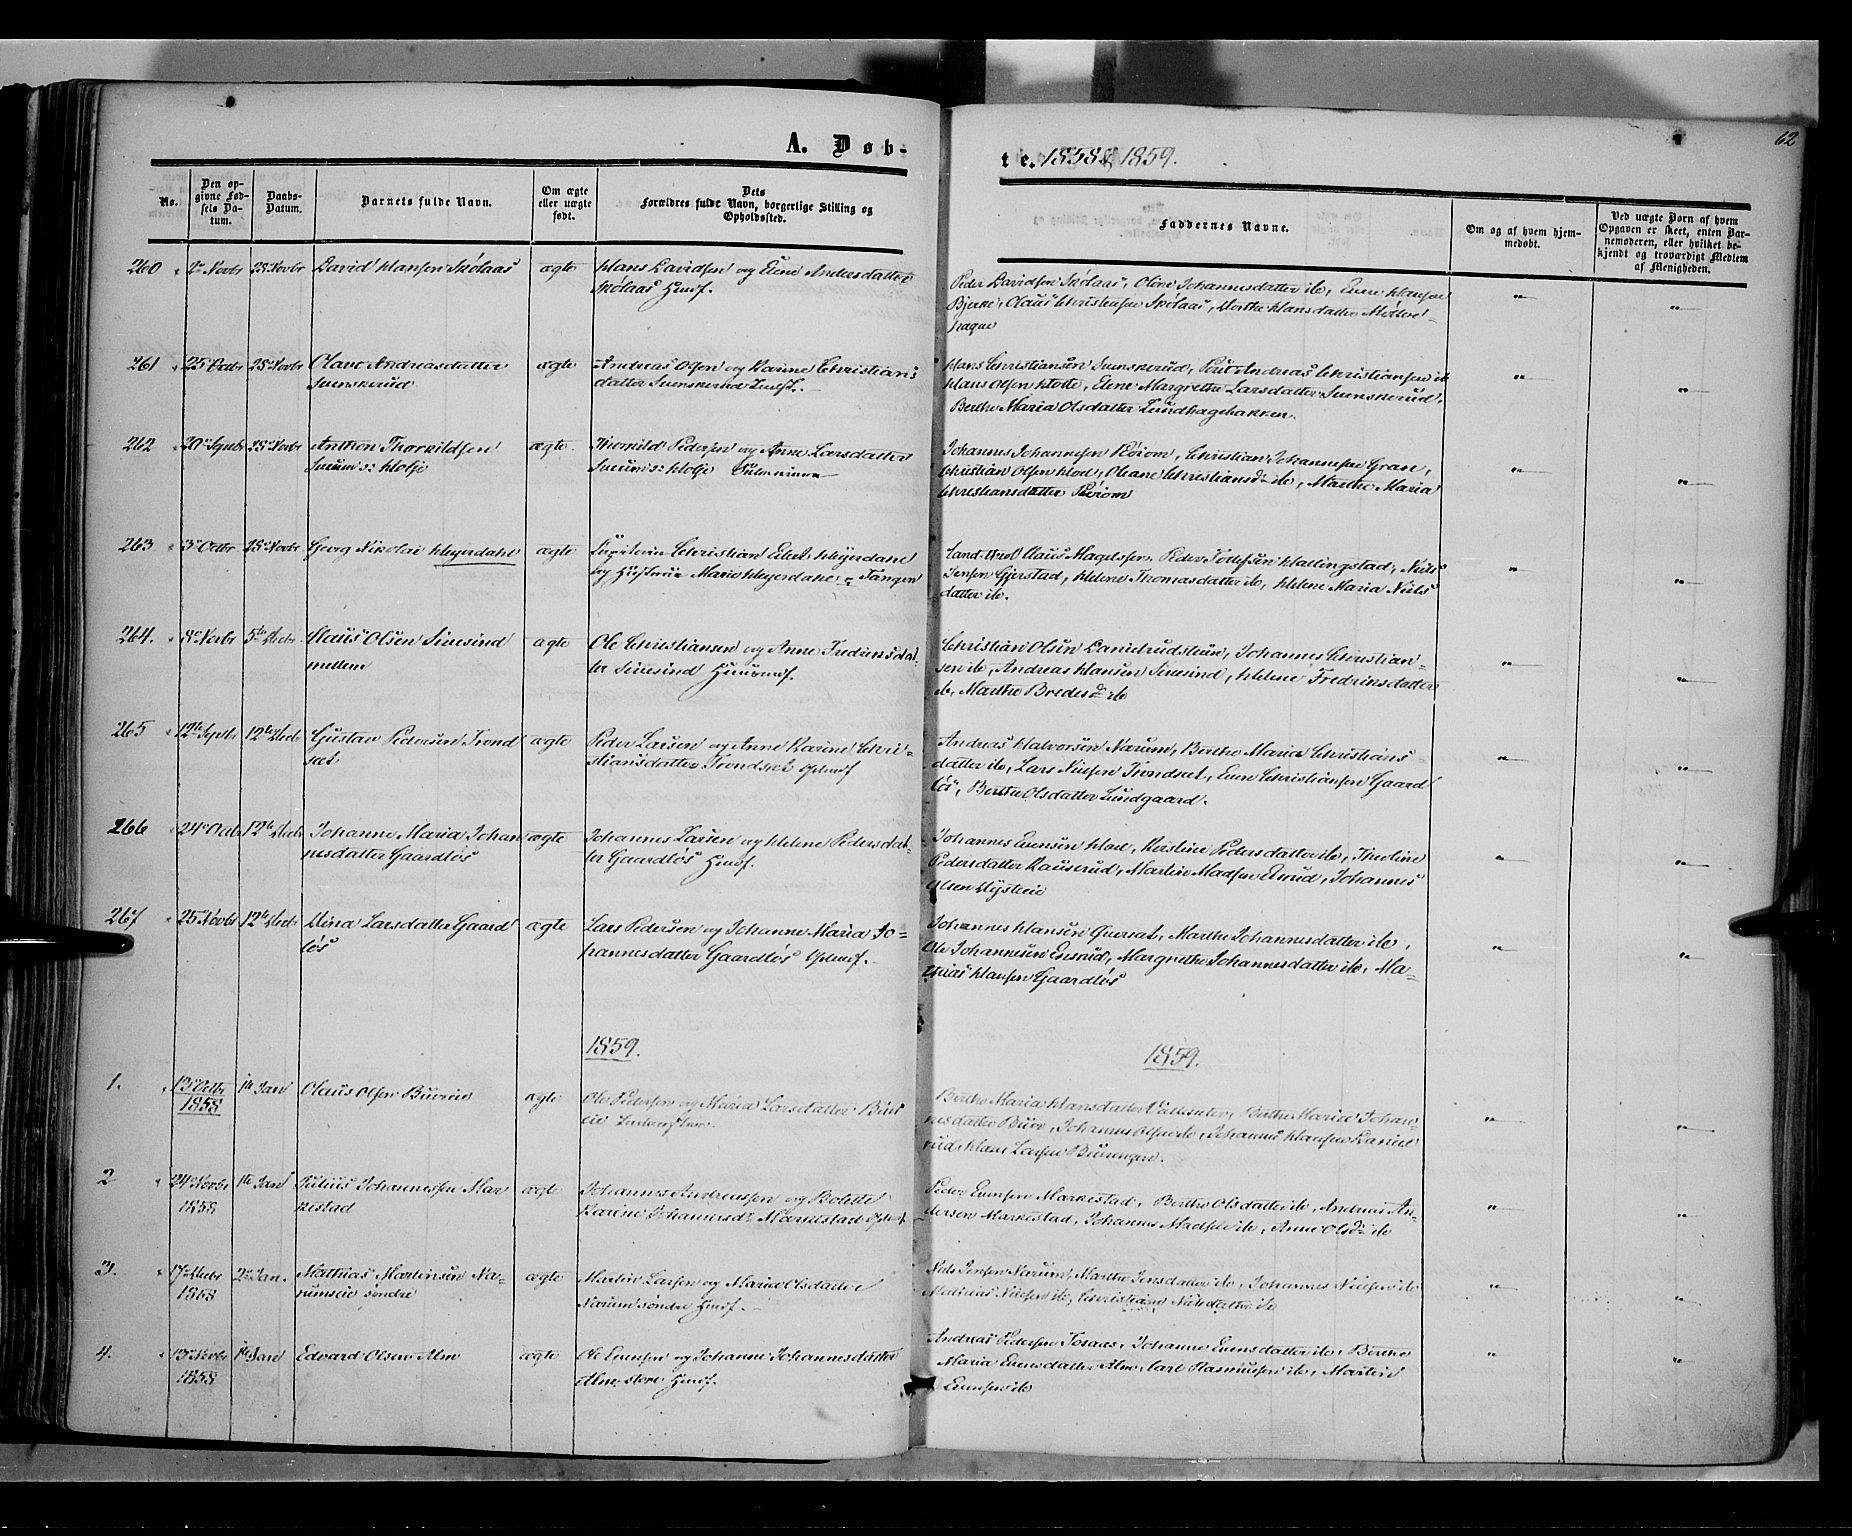 SAH, Vestre Toten prestekontor, Ministerialbok nr. 6, 1856-1861, s. 62